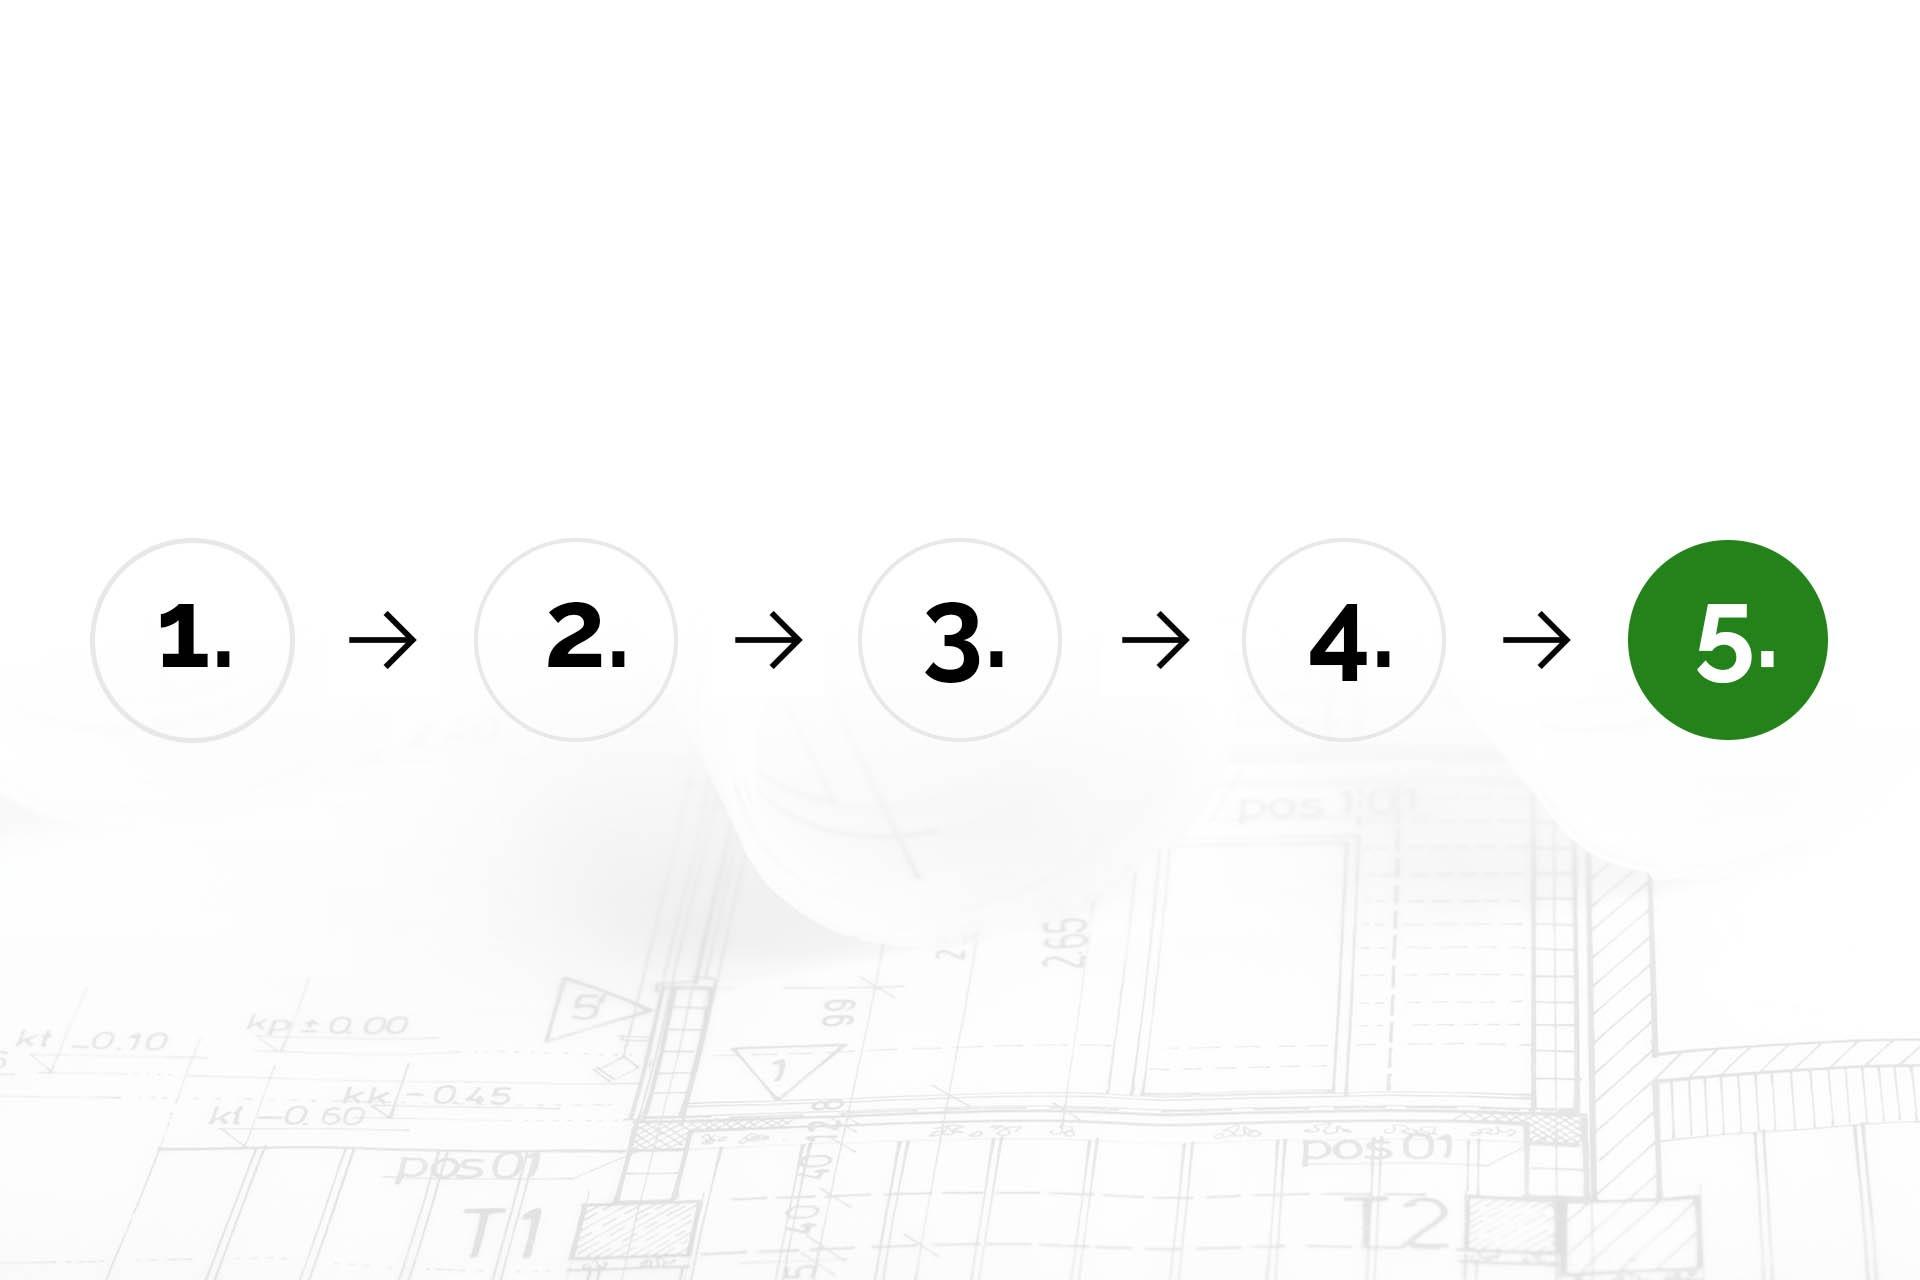 5. Vyřízení stavebního povolení